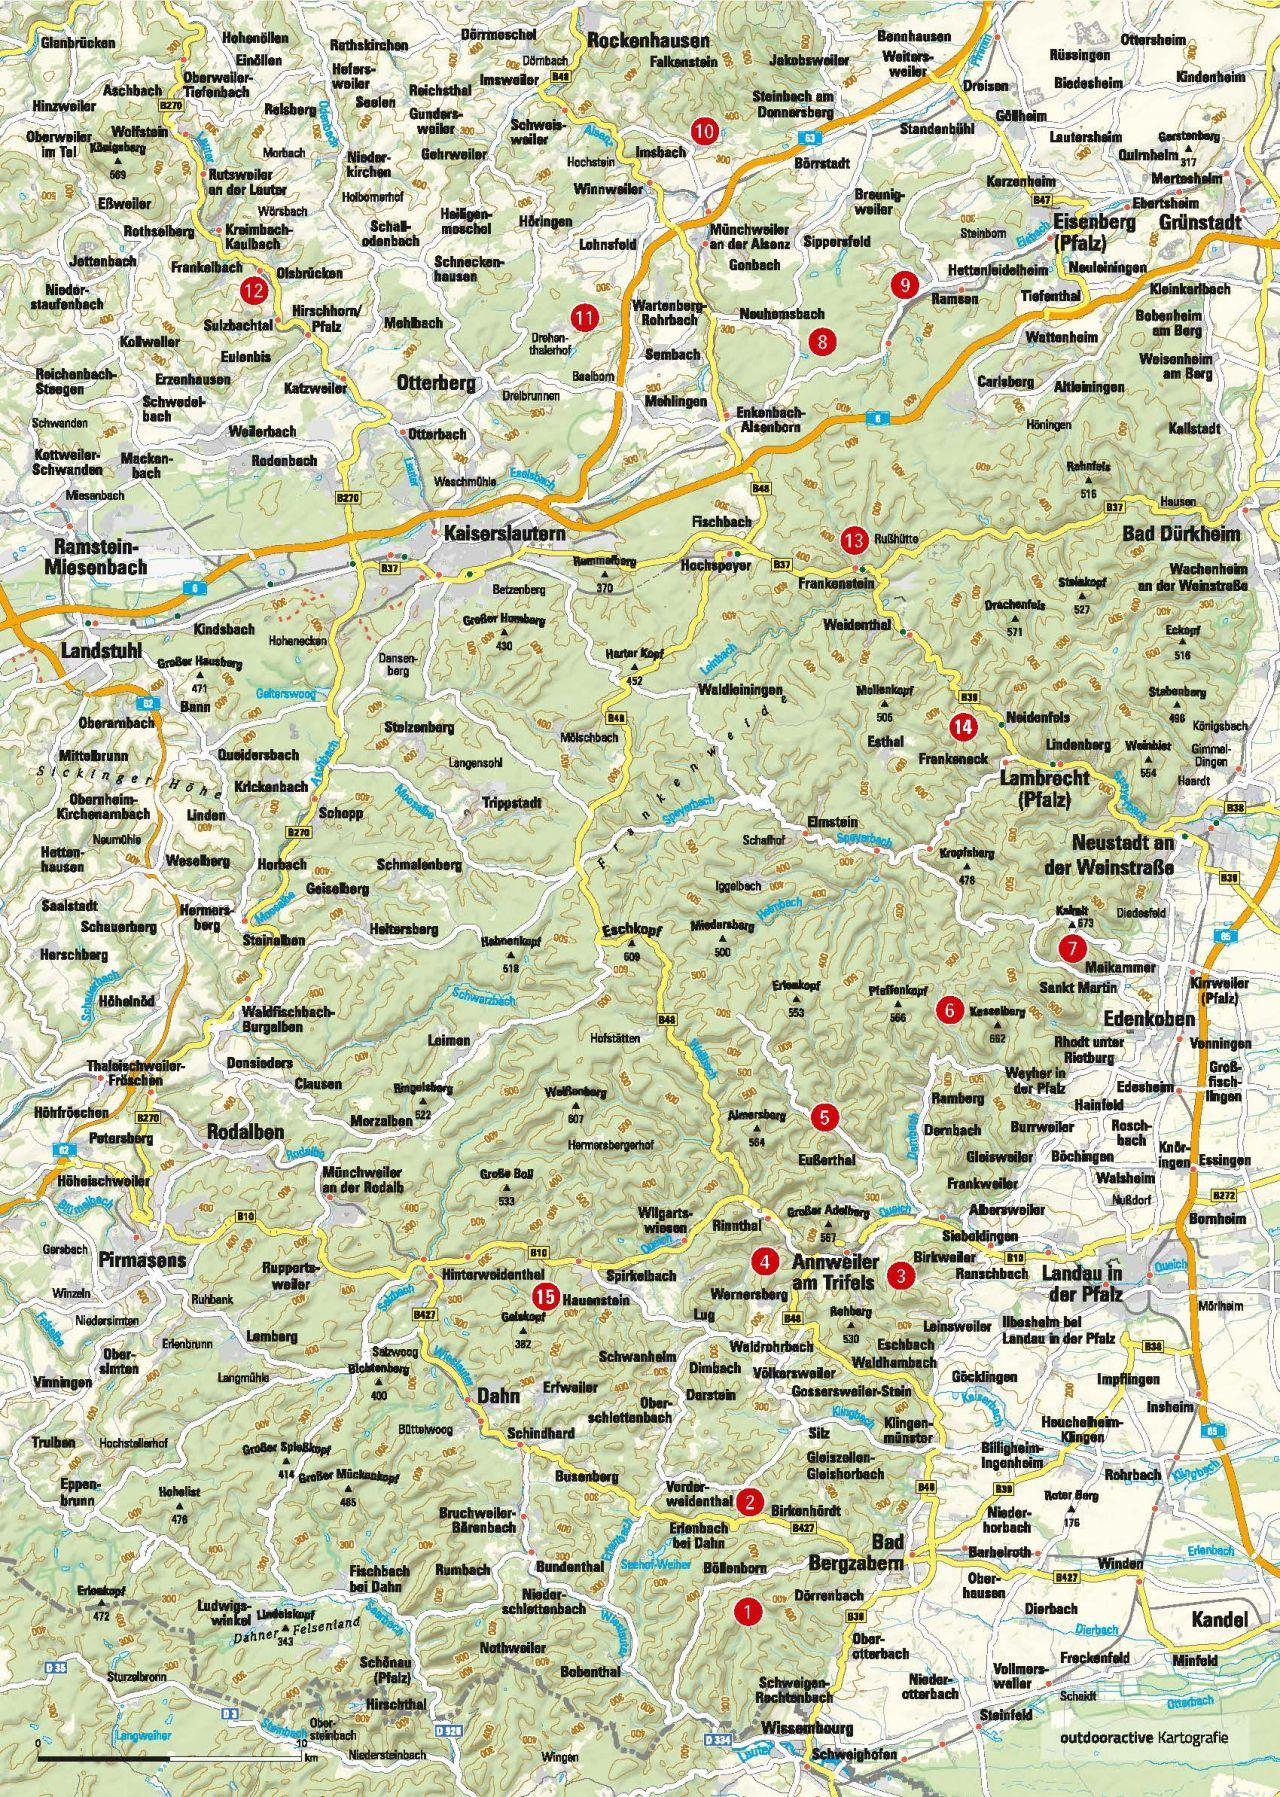 Trekkingplätze in der Pfalz